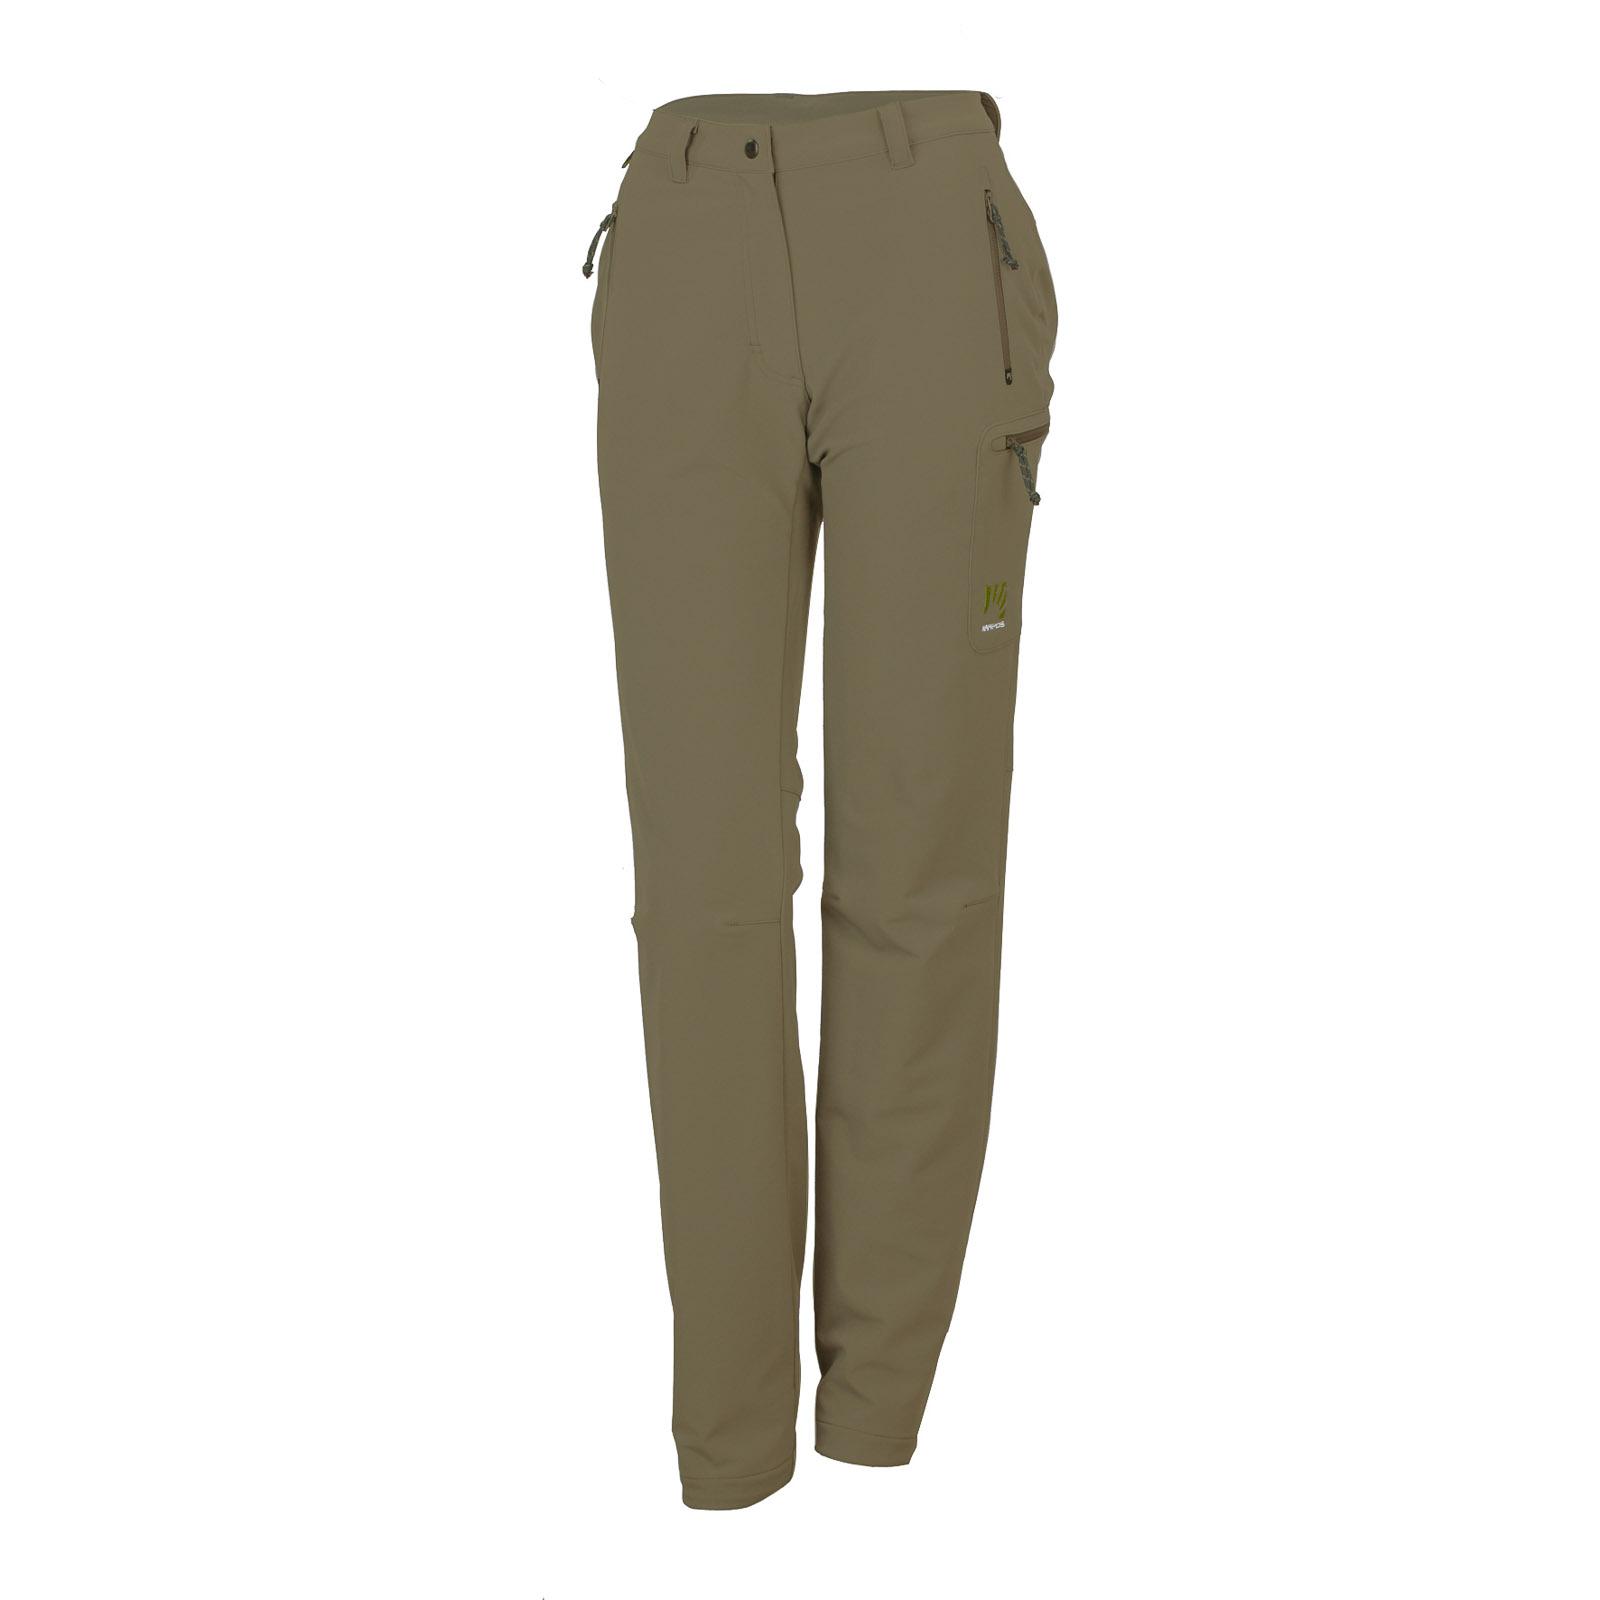 df7aee6a53f9 Karpos Yukon Easy dámske nohavice béžové. Pre absolútny zážitok prosím  použite prehliadač s javascriptom